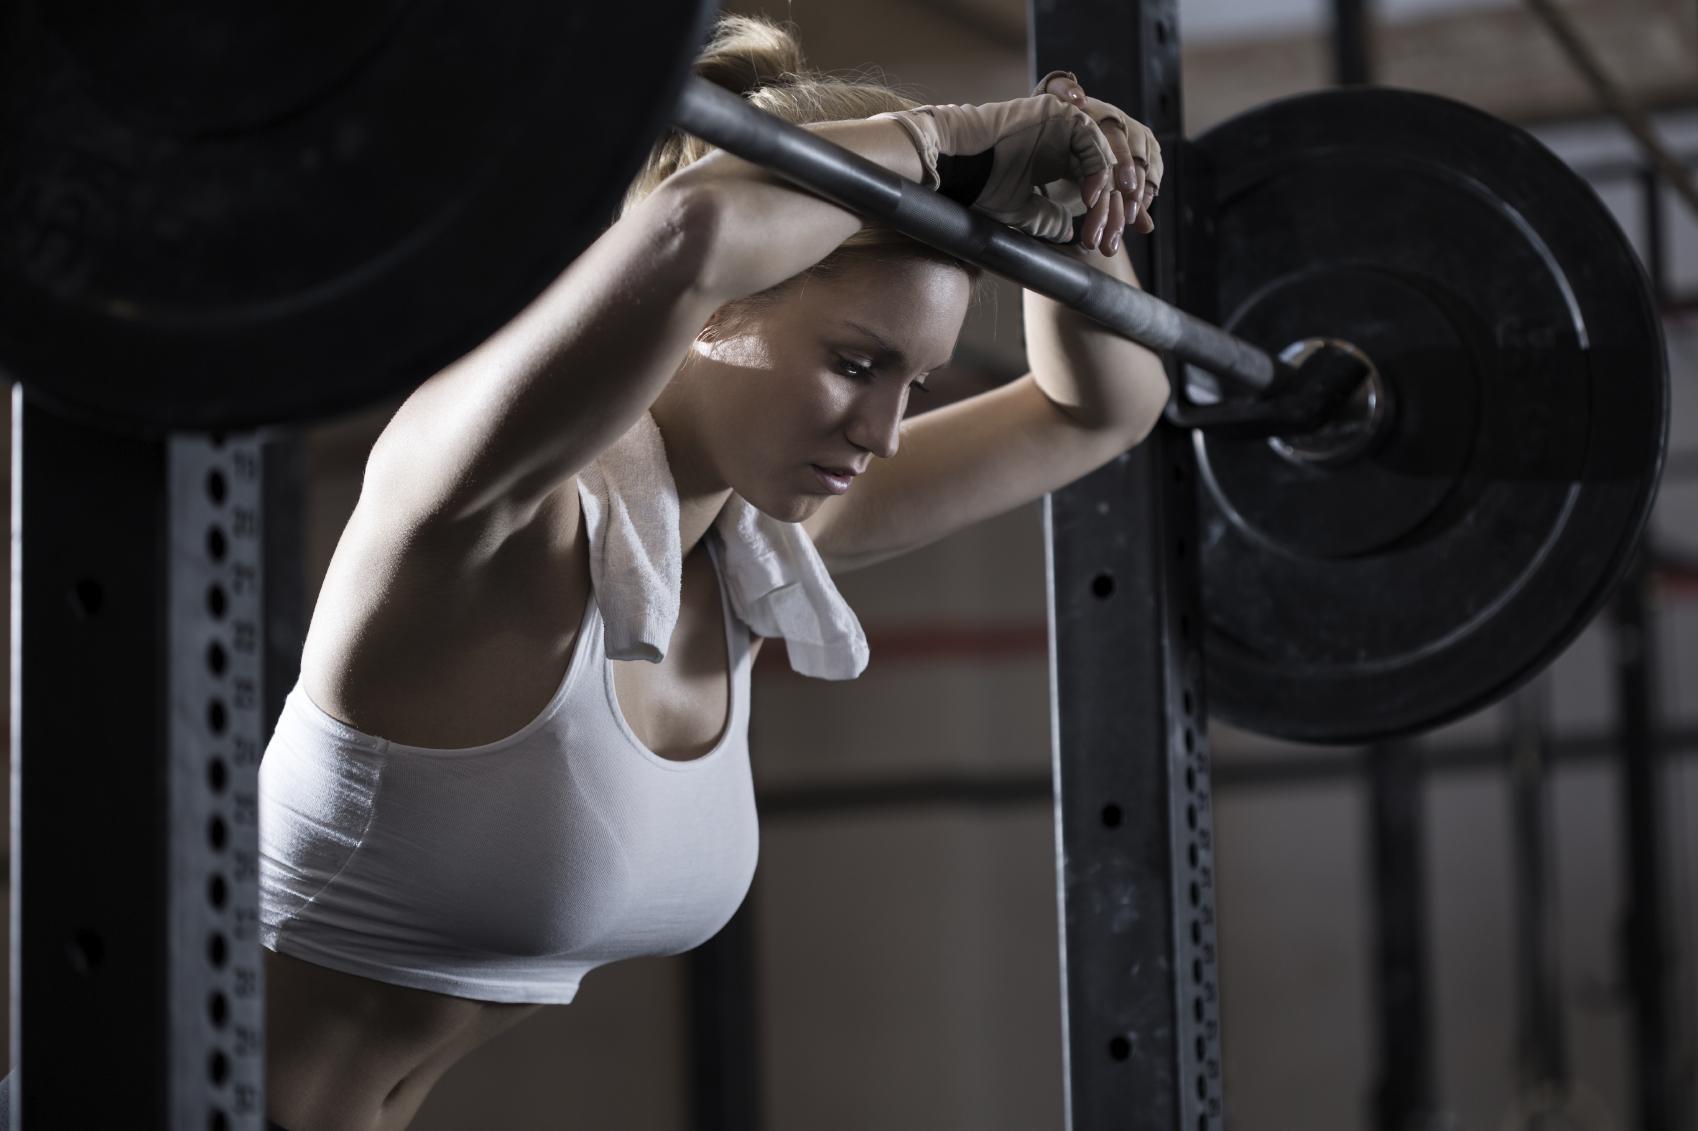 İçki İçmek Sporu ve Fitness'i Nasıl Etkiler